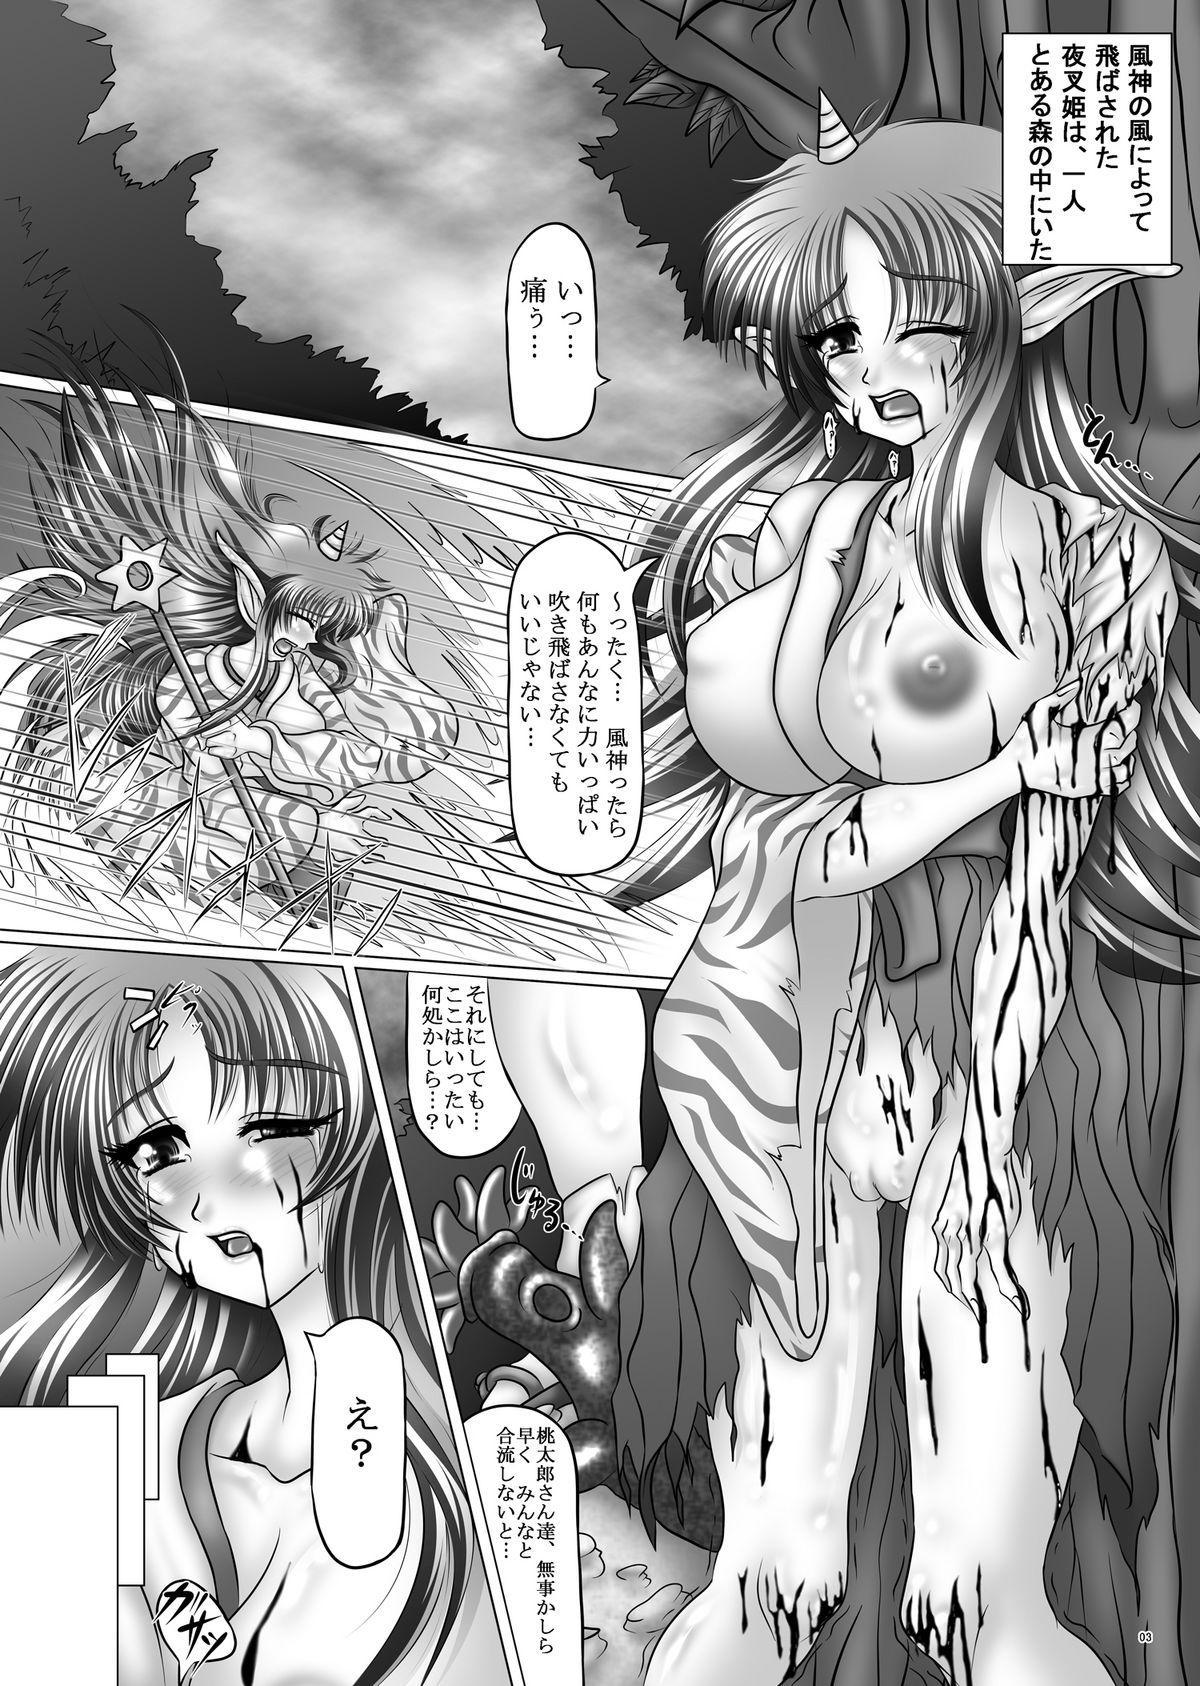 Dashoku Densetsu - Nihiki no Yashahime | The Two Yaksha Princesses 2